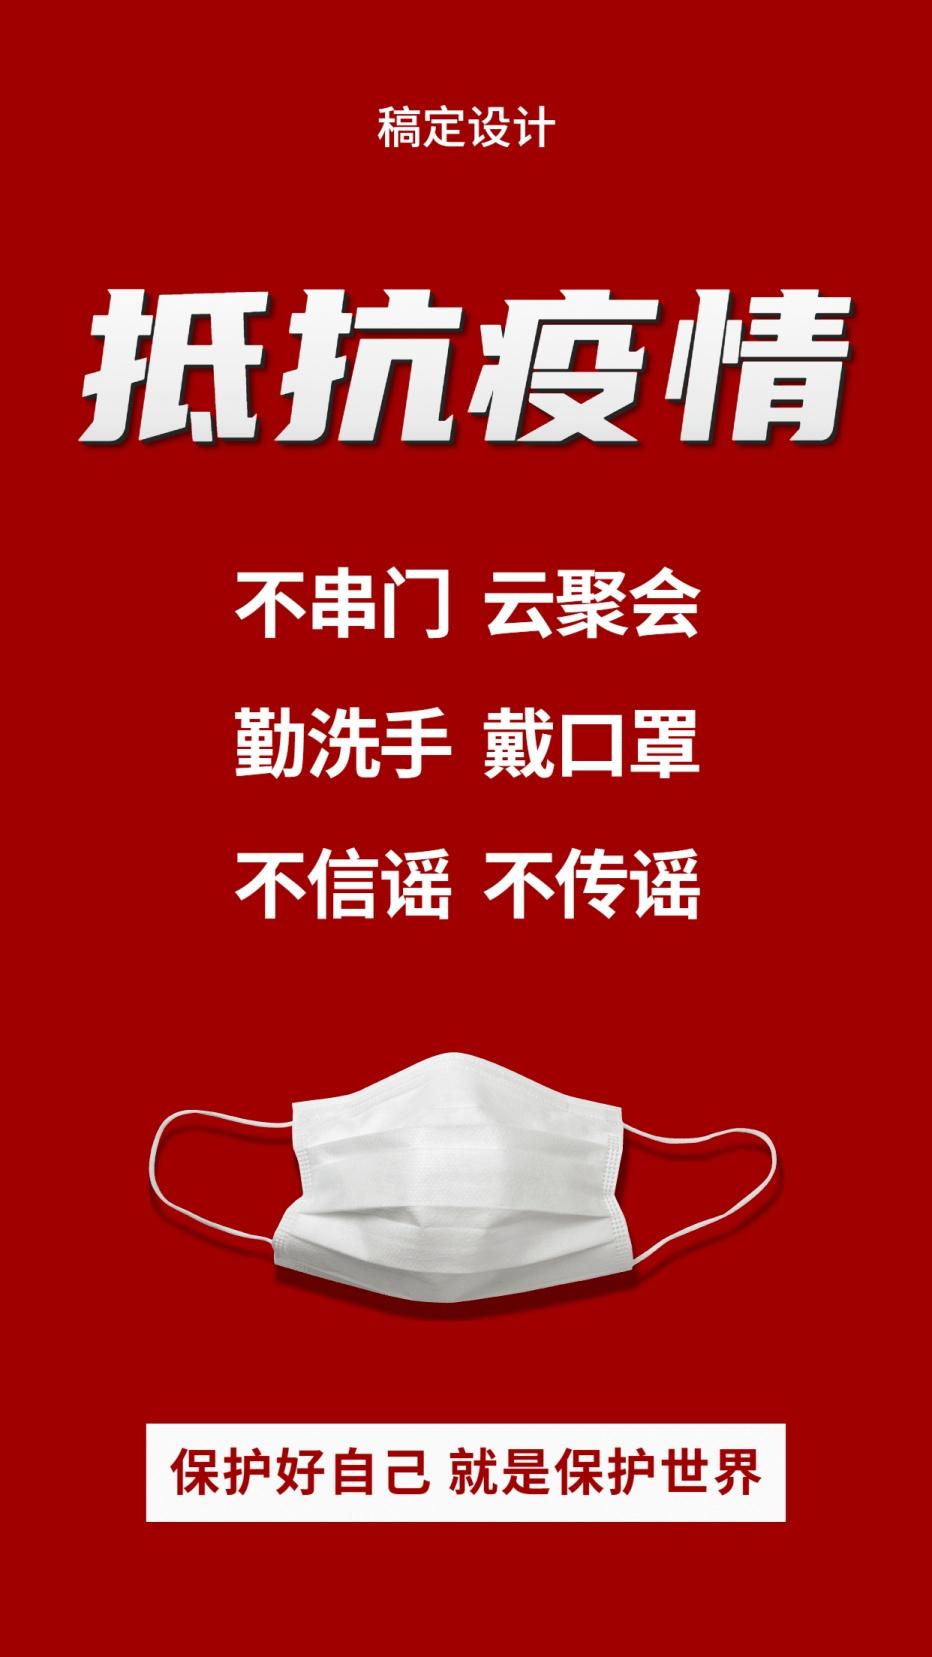 新年预防冠状病毒肺炎宣传手机海报